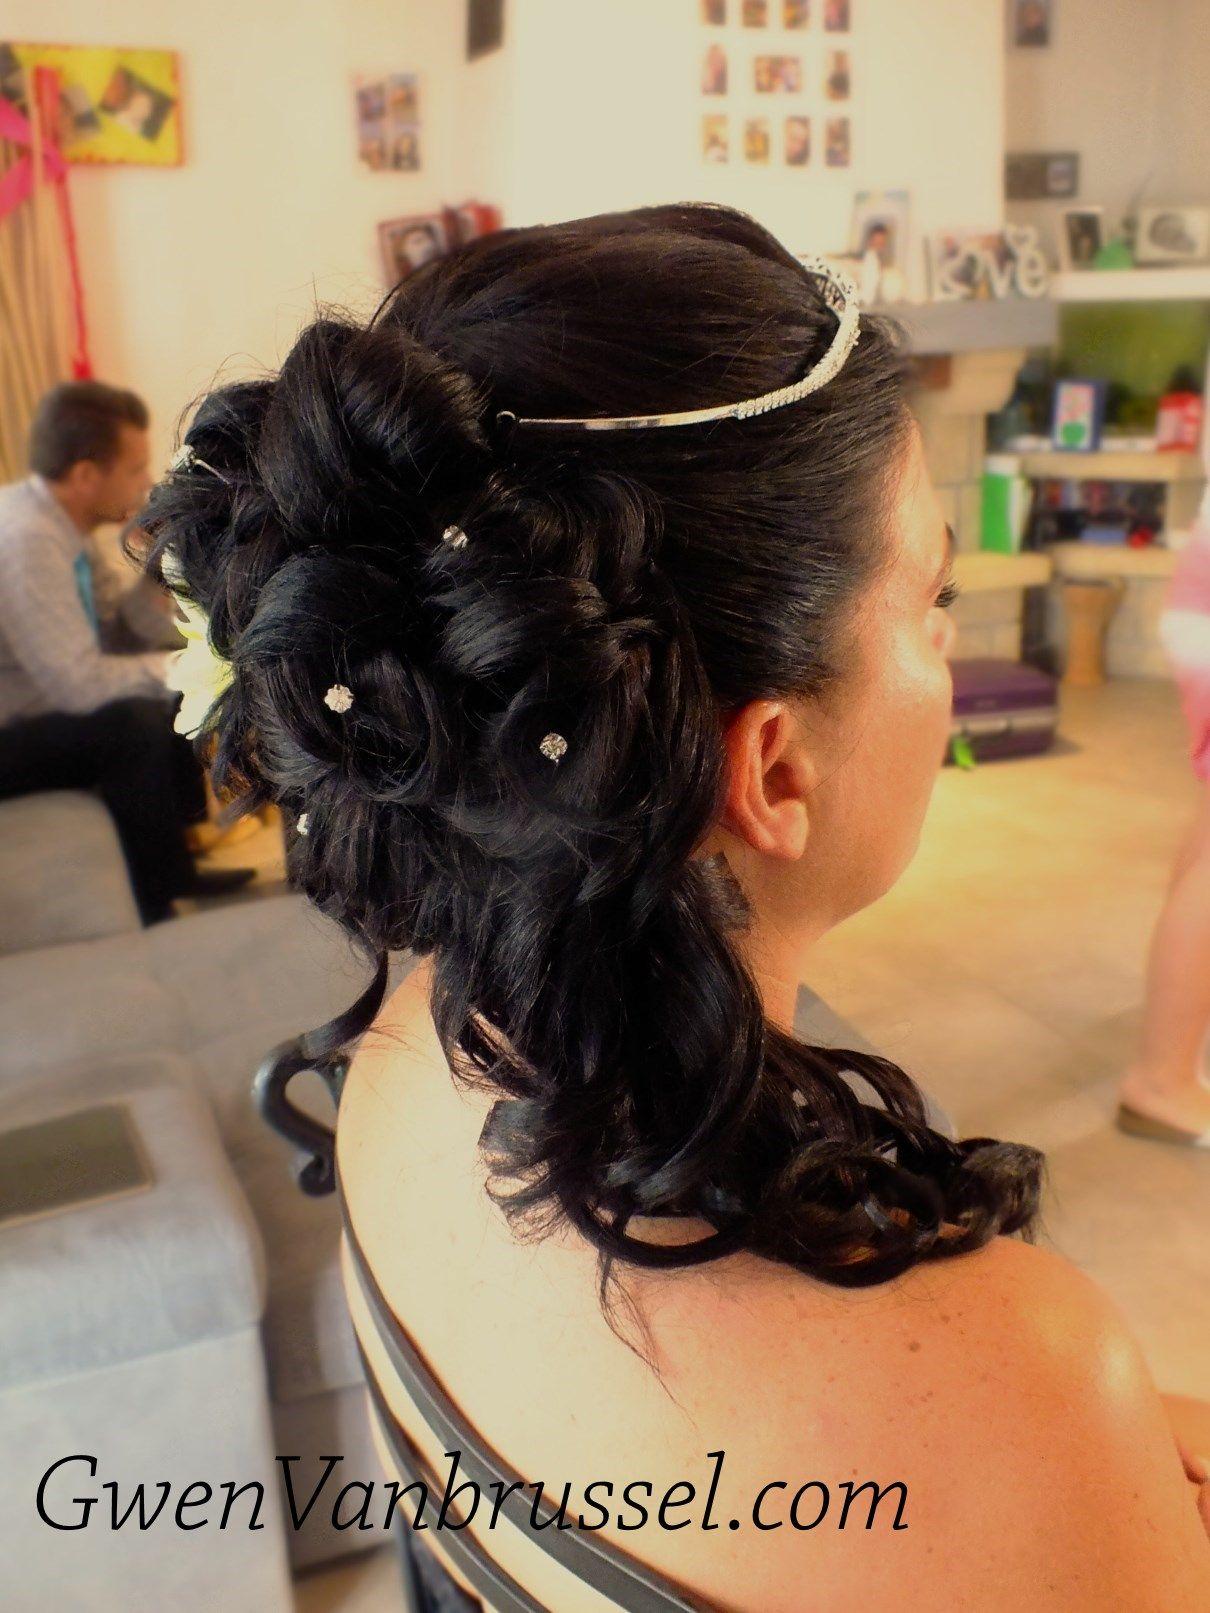 Coiffure de mariée - Cascade de boucles sur le côté | Coiffure mariée cheveux mi-longs, Coiffure ...